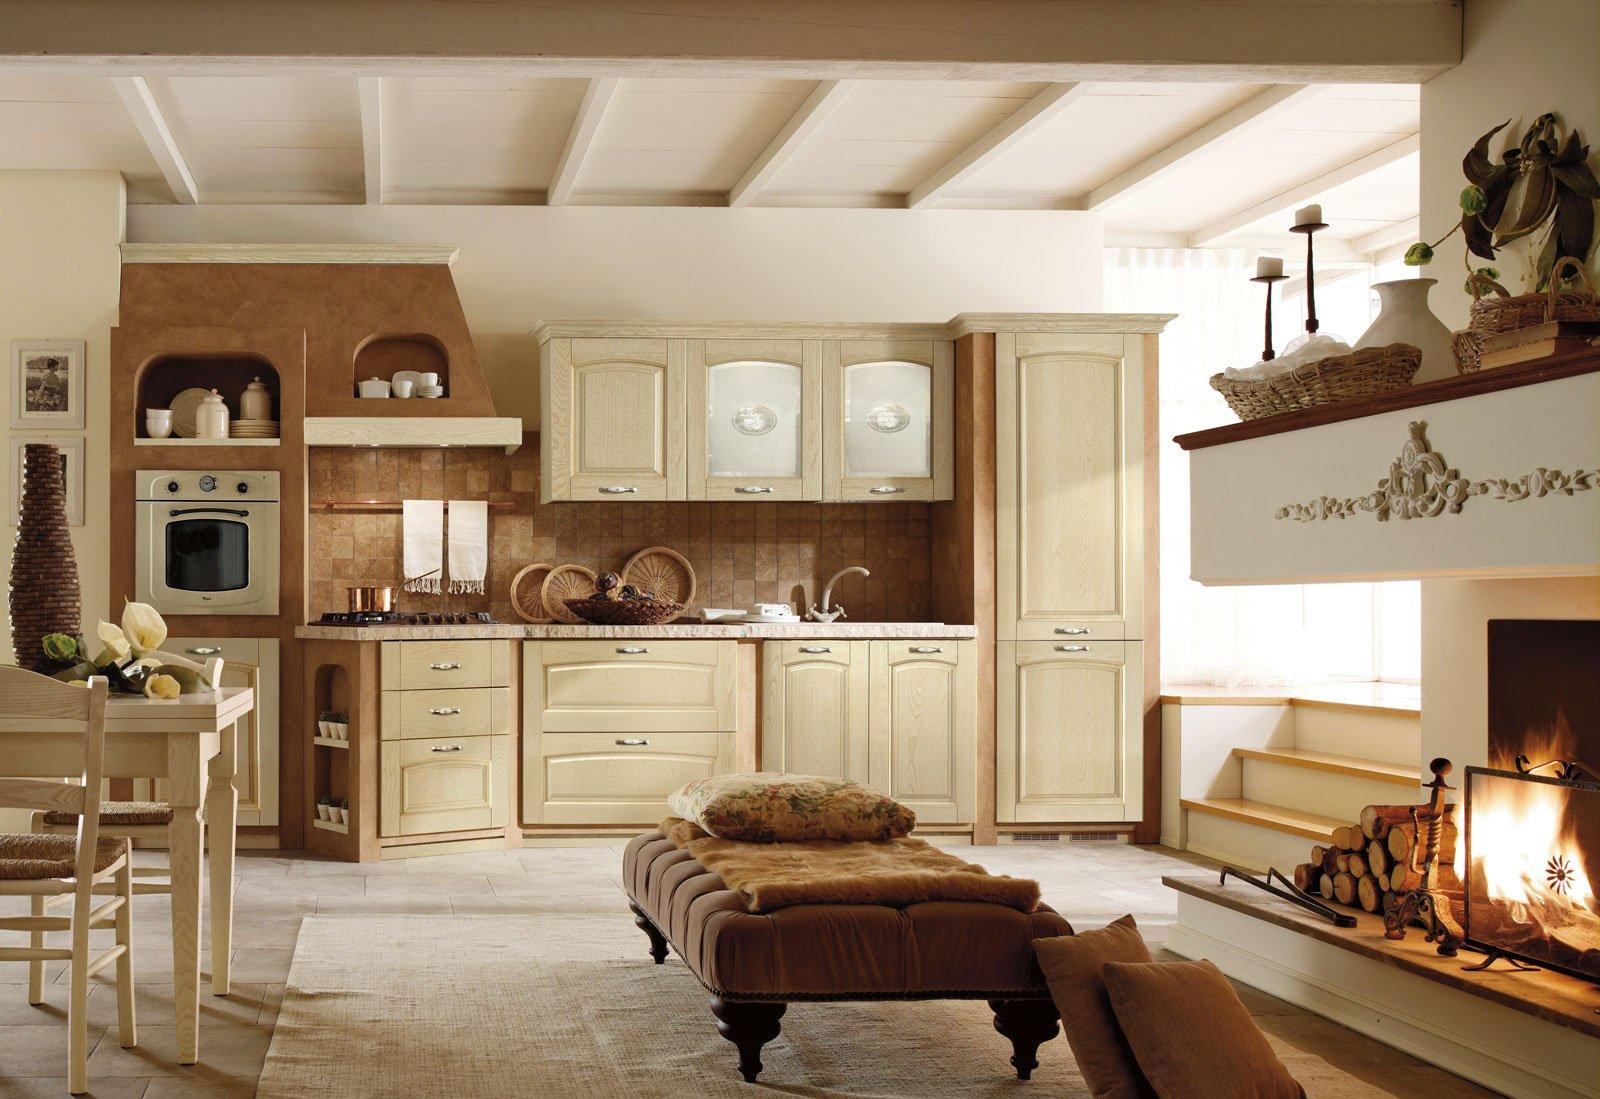 Cucine effetto muratura vera o finta cose di casa for Piani di casa sotto 100k da costruire